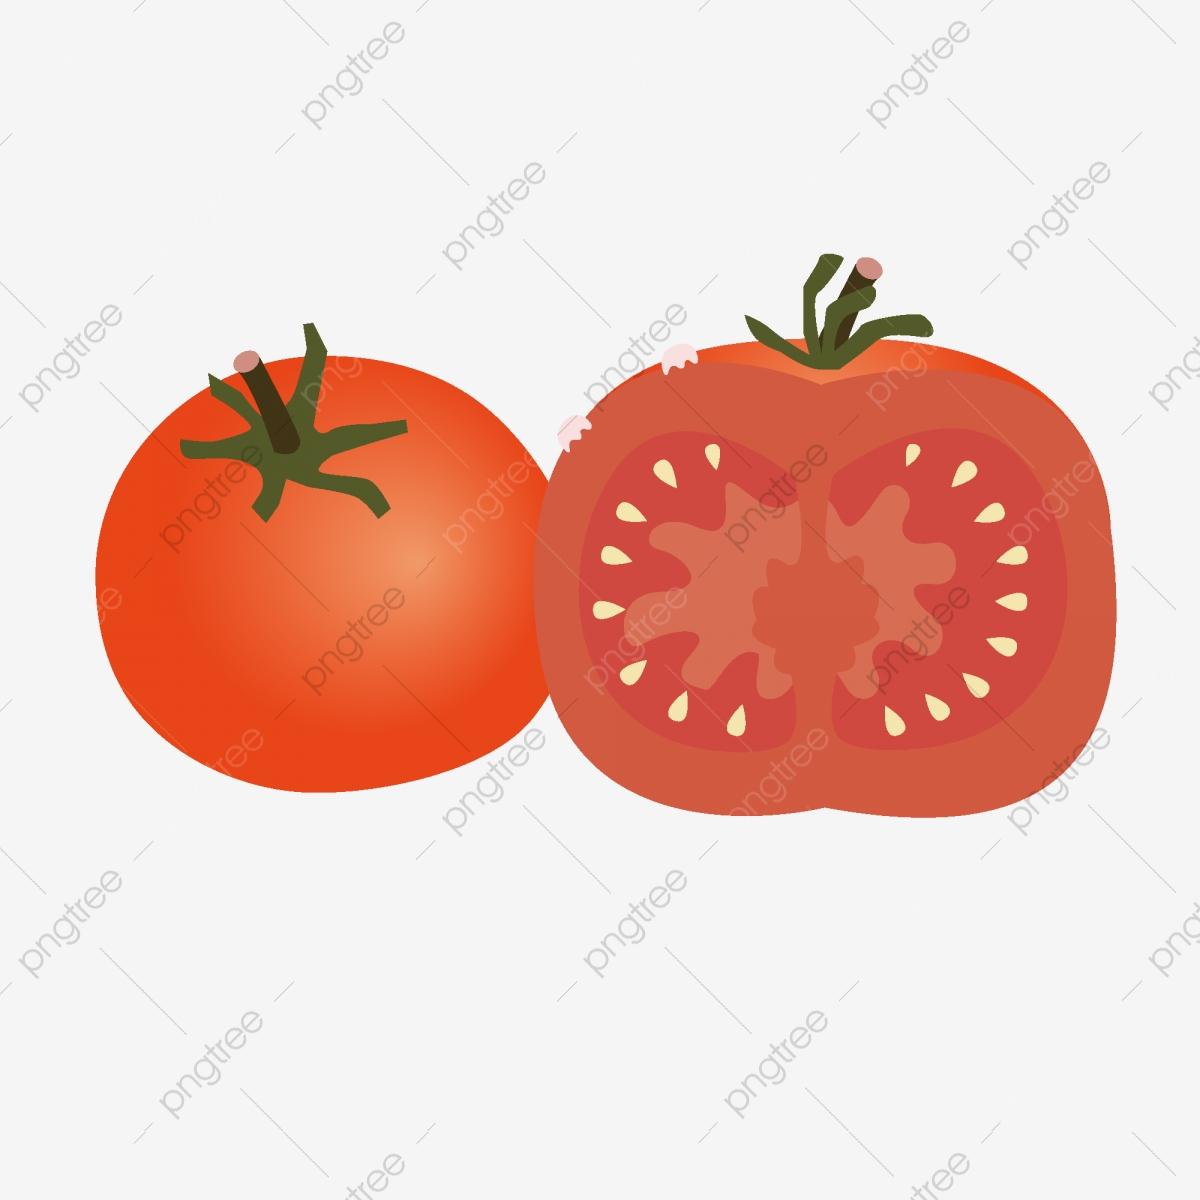 Tomatoes clipart splattered. Tomato splash vegetables png